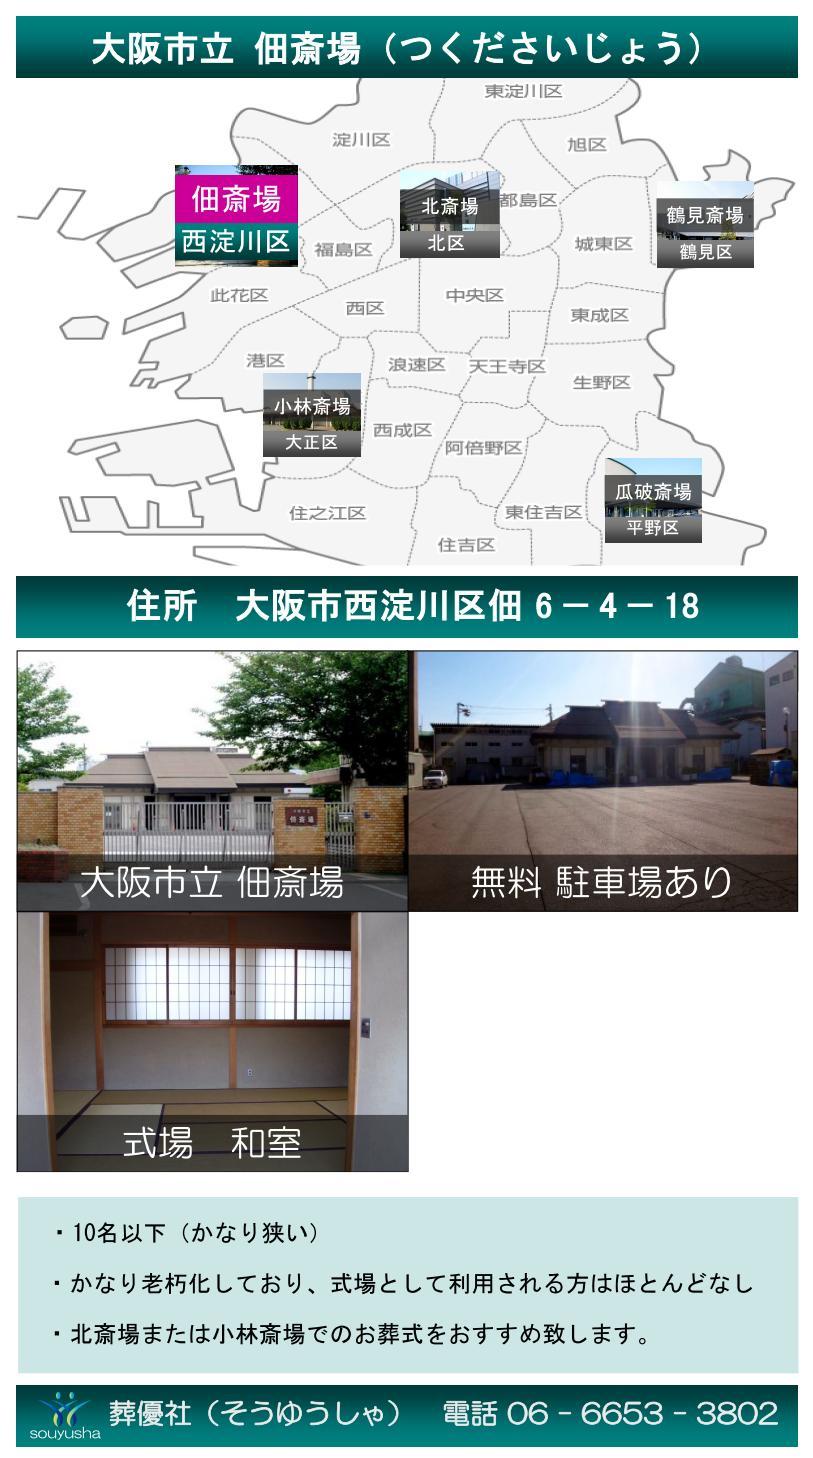 大阪市立佃斎場ででの福祉葬儀をなら葬優社がお手伝い致します。